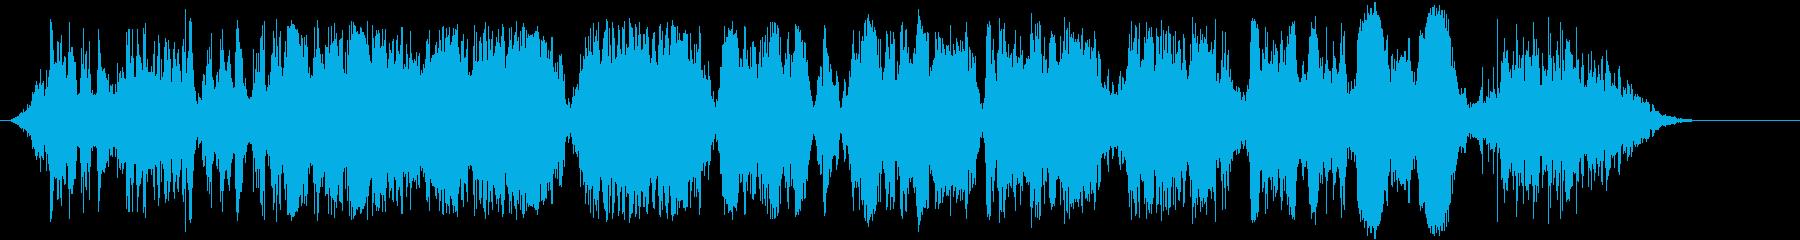 サンフェルミンバッスルとチュピナゾスの再生済みの波形